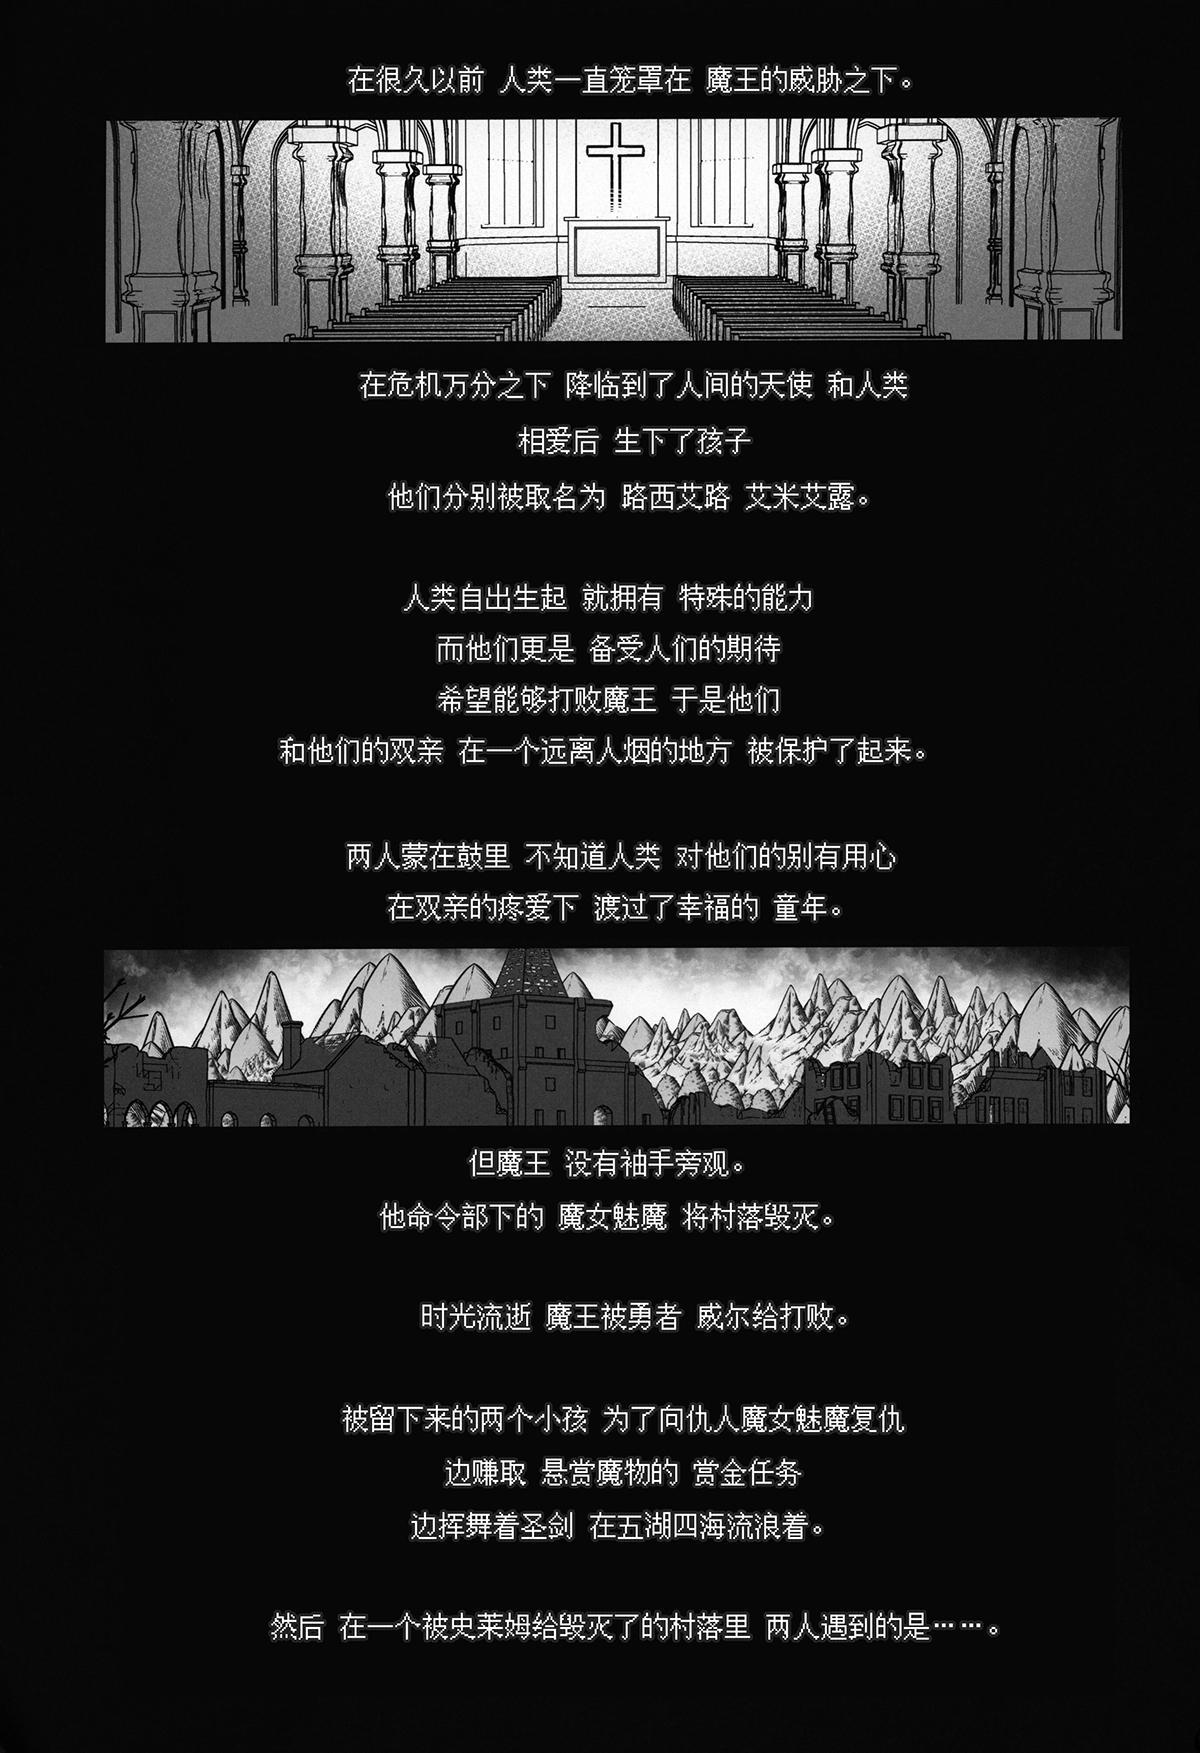 Makotoni Zannen desu ga Bouken no Sho 6 wa Kiete Shimaimashita. 3